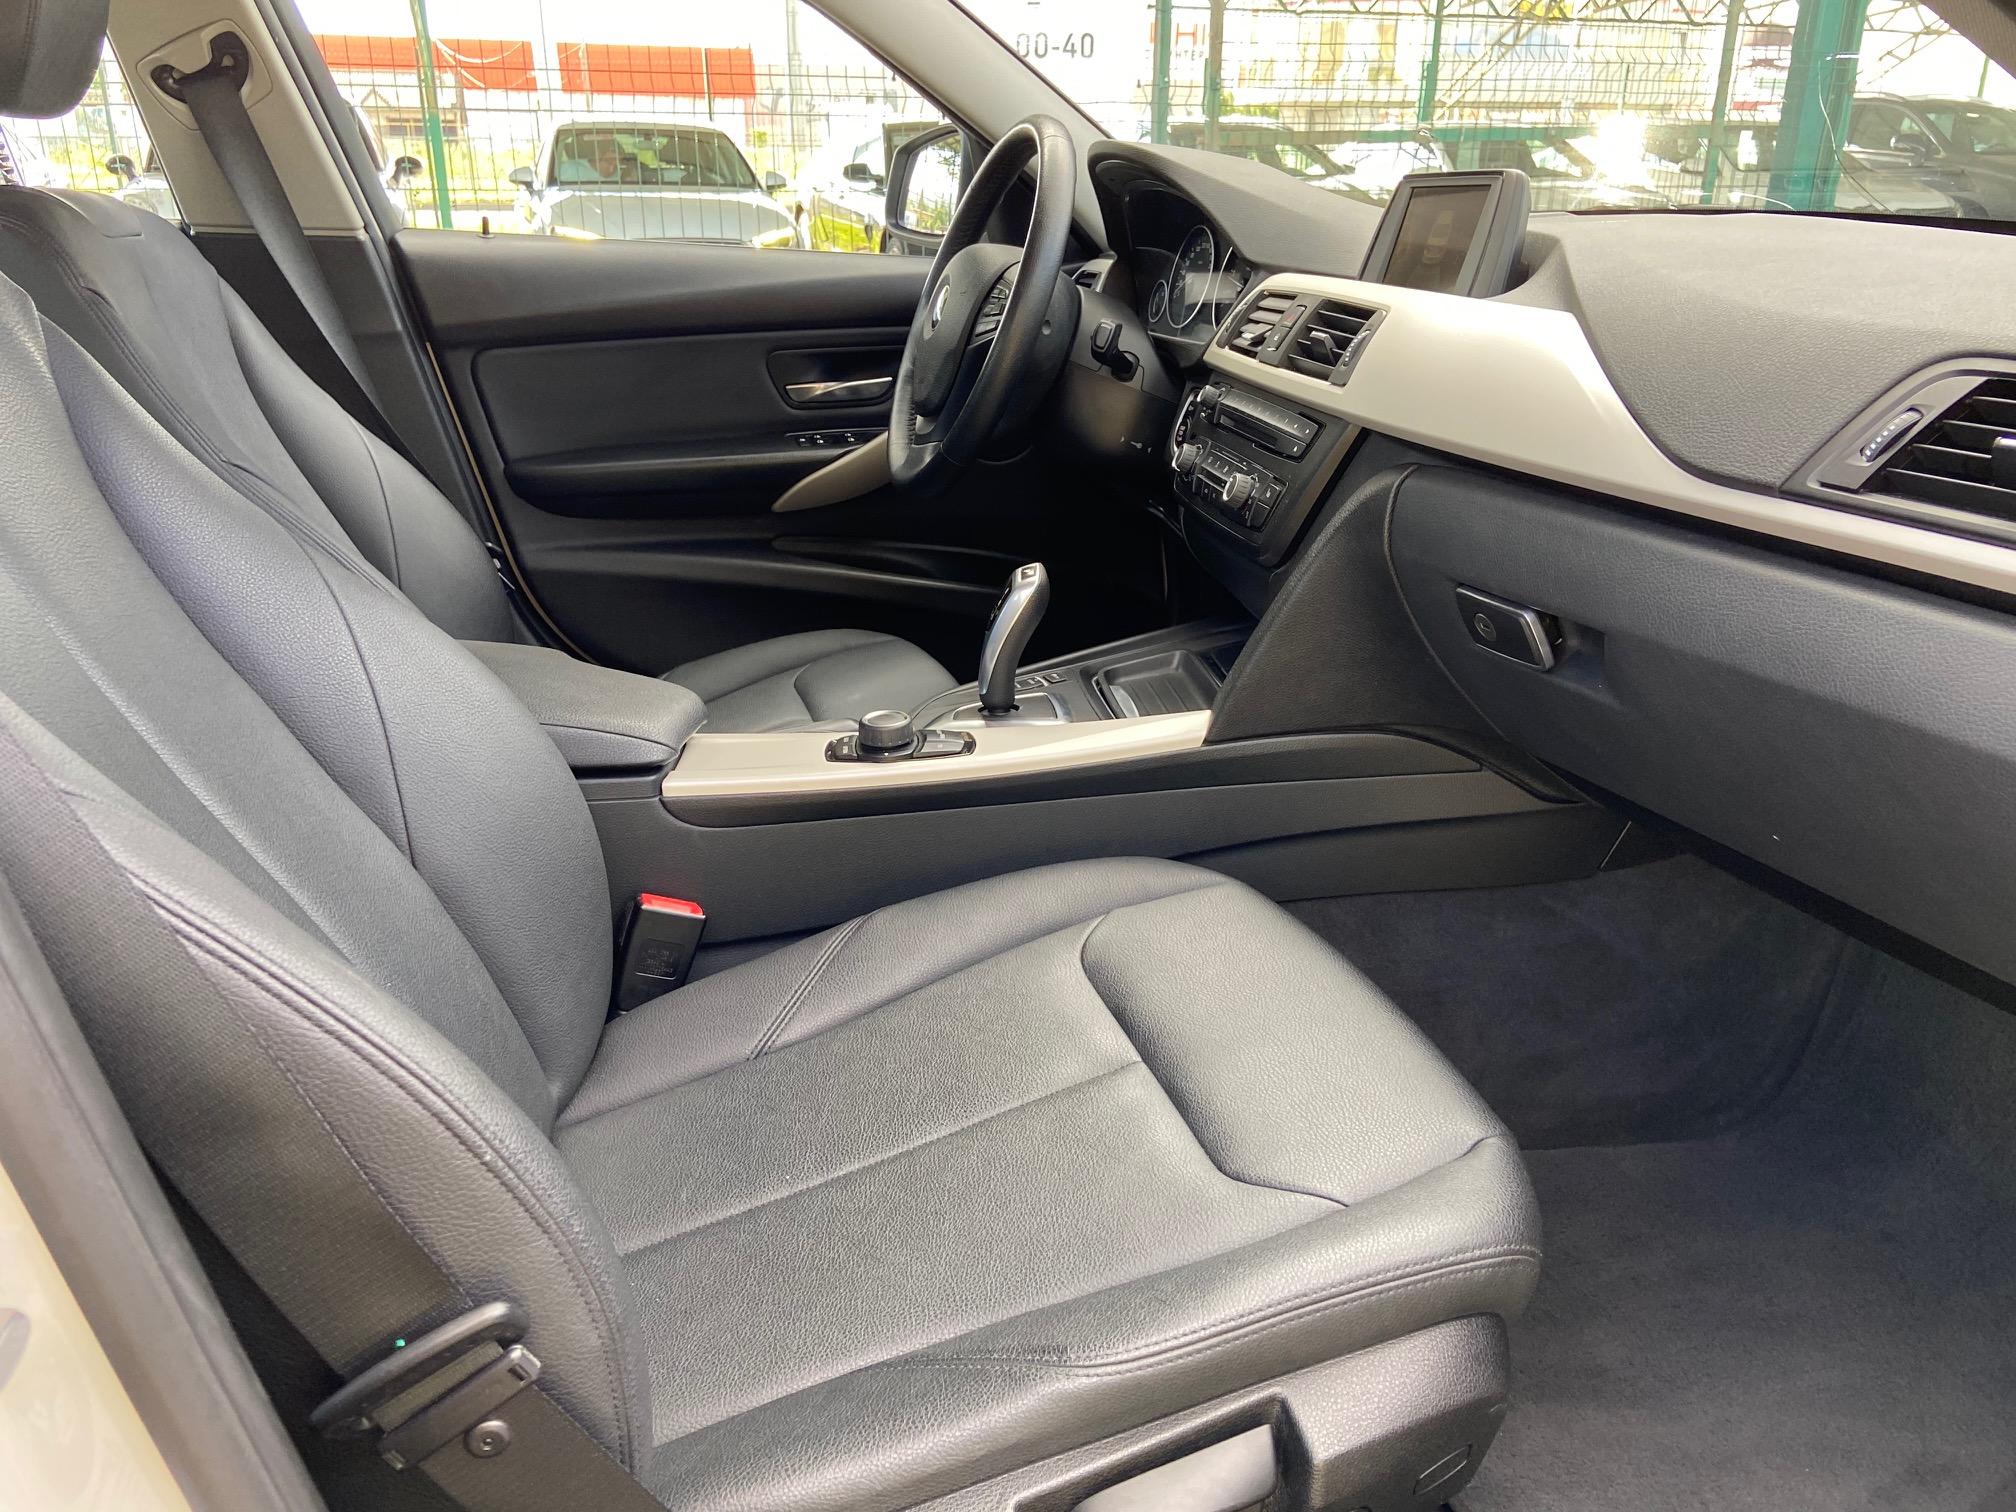 Купить BMW 316i (Белый) - Автопарк Ставрополь